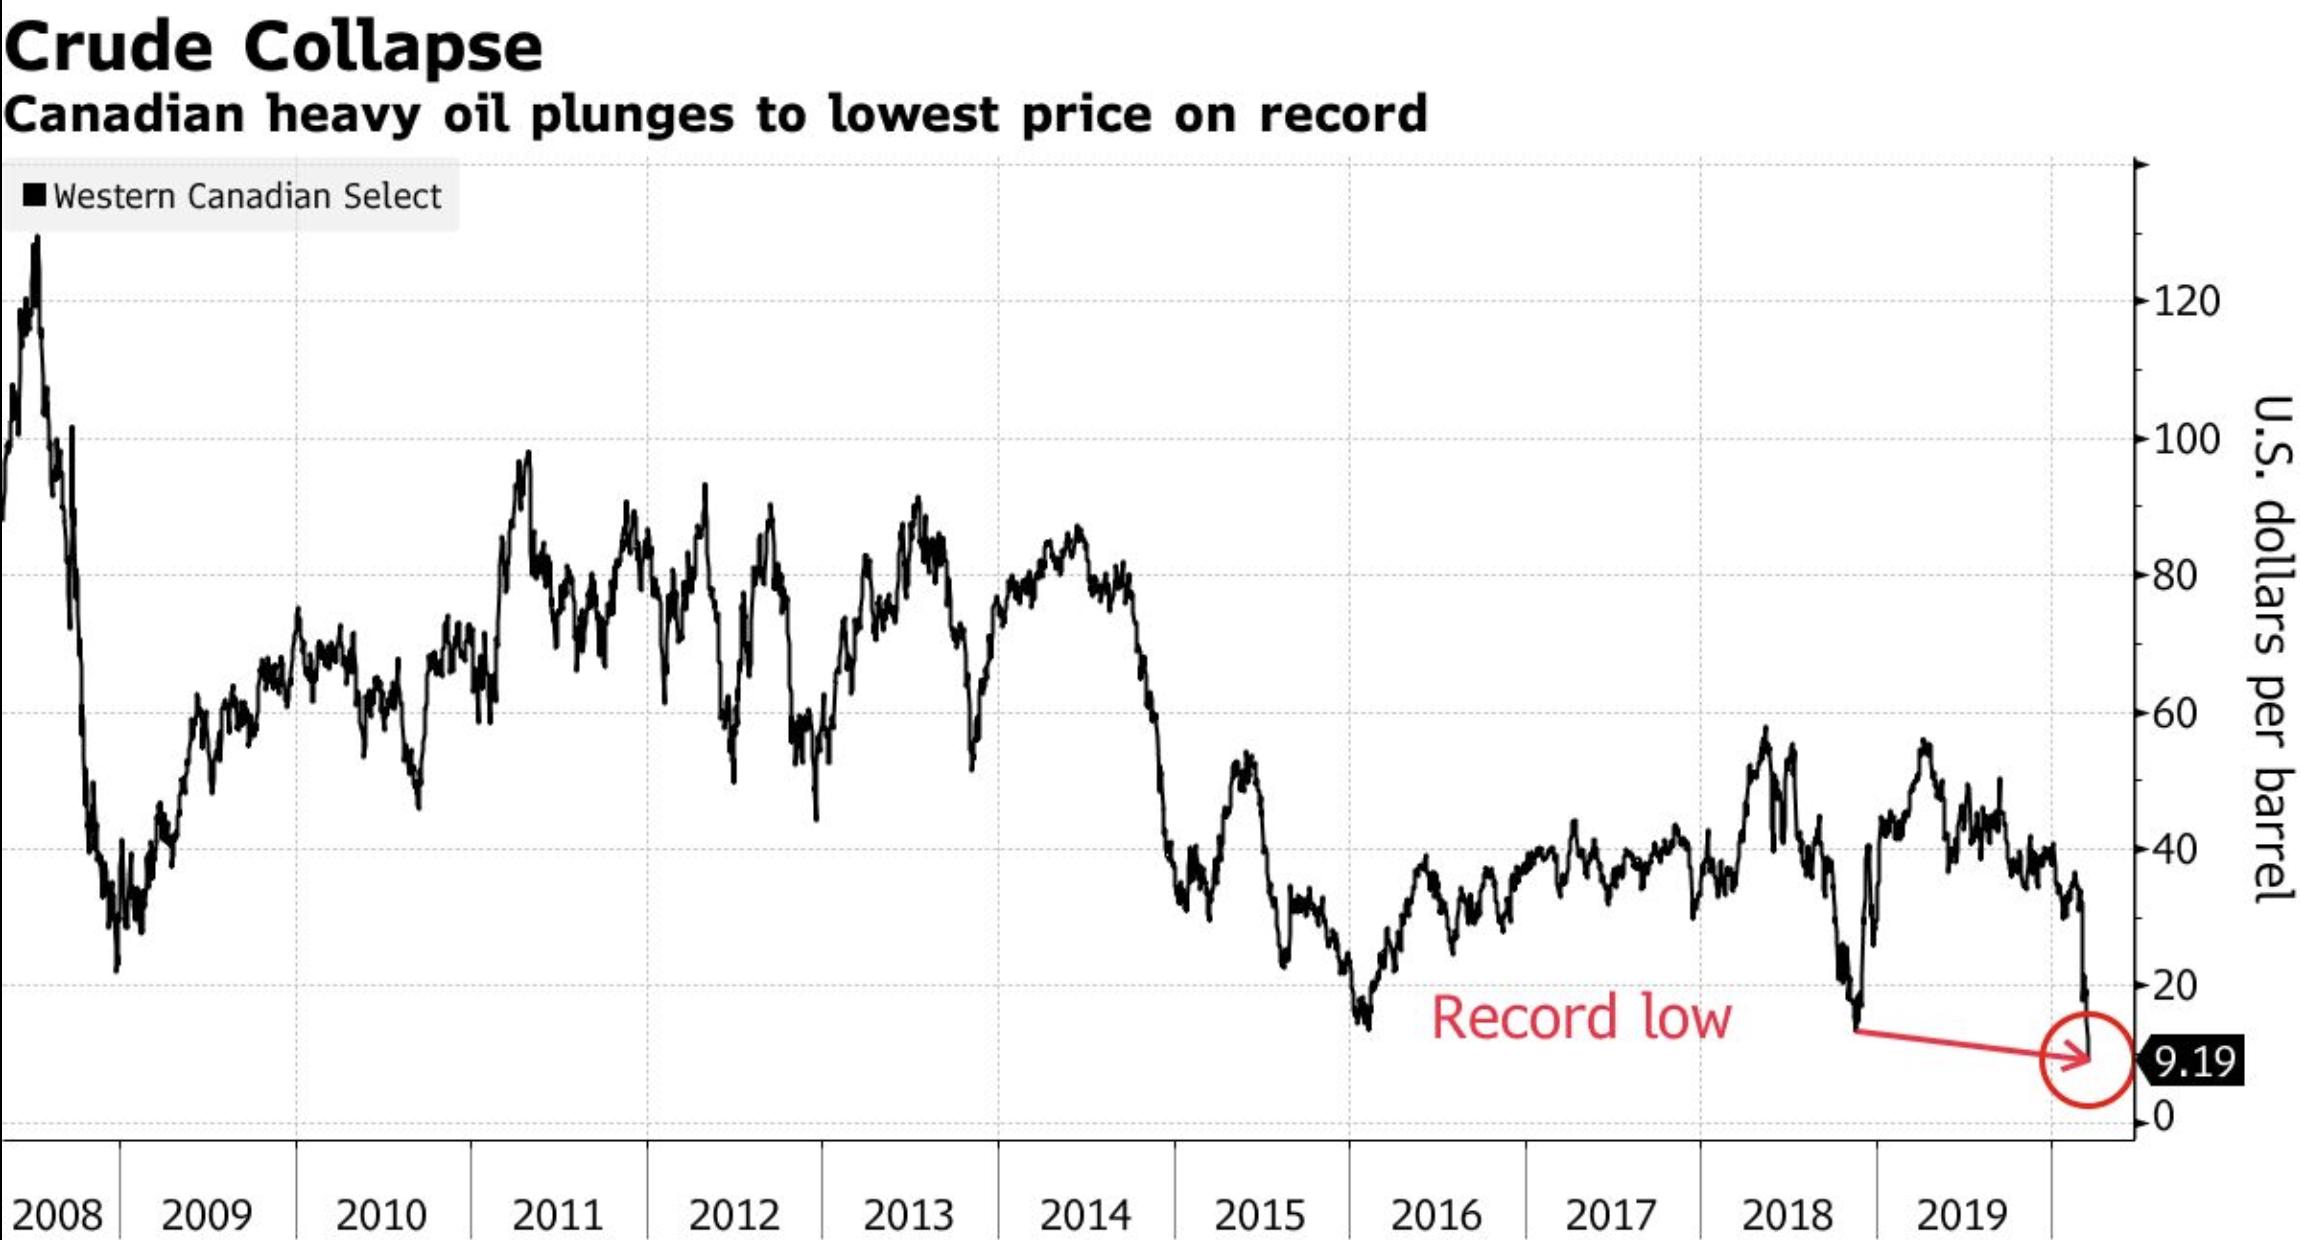 沙俄价格战致油价屡创新低 加拿大成第一个受害者